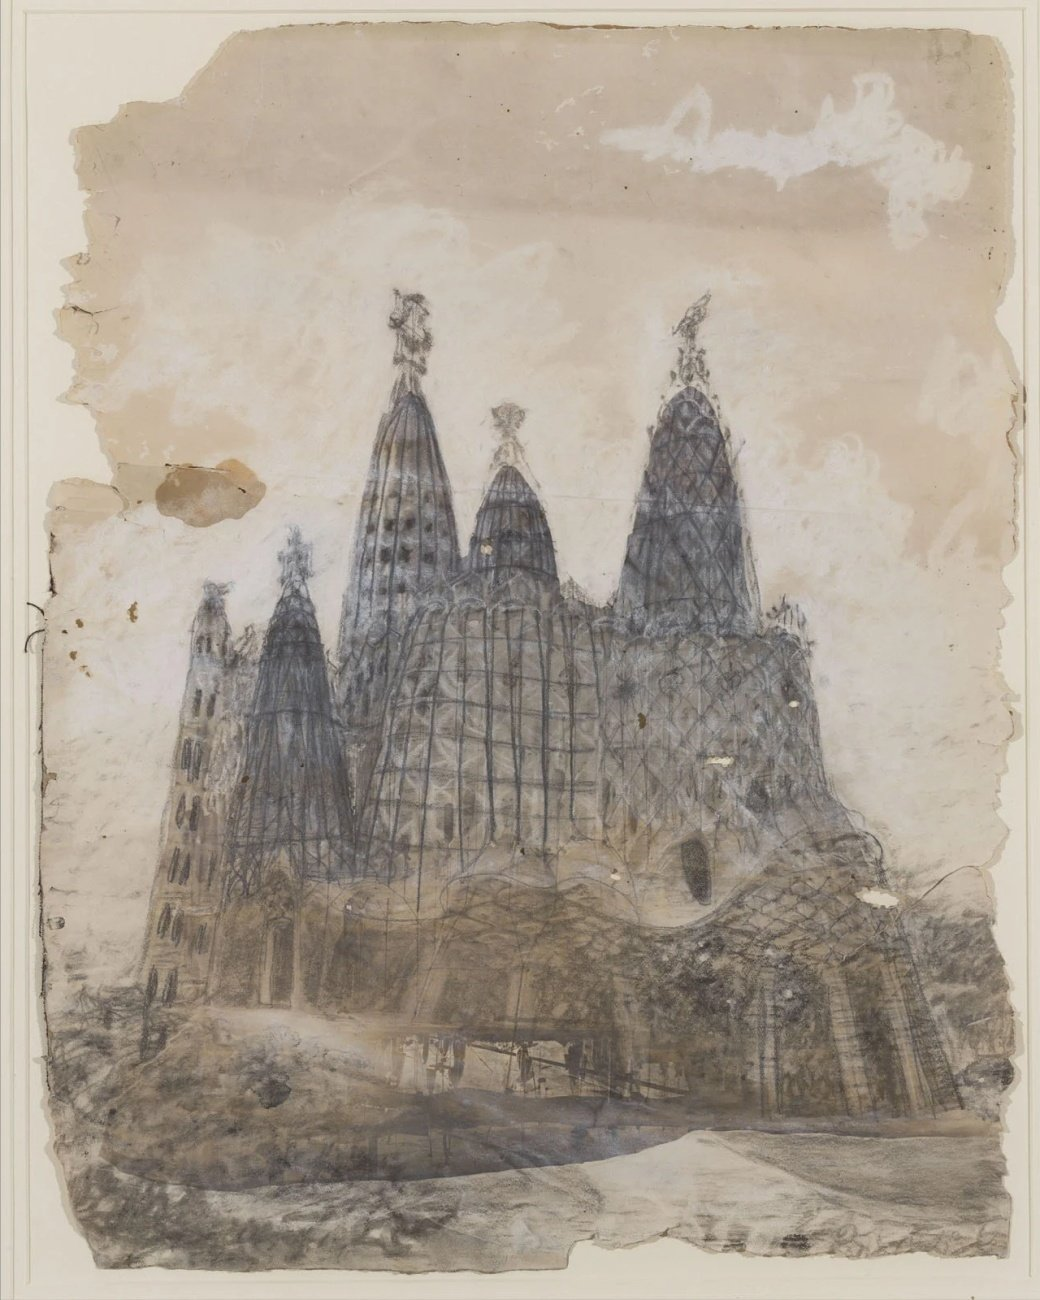 Vista exterior de l'església de la Colònia Güell, Antoni Gaudí, cap a 1908-1910.